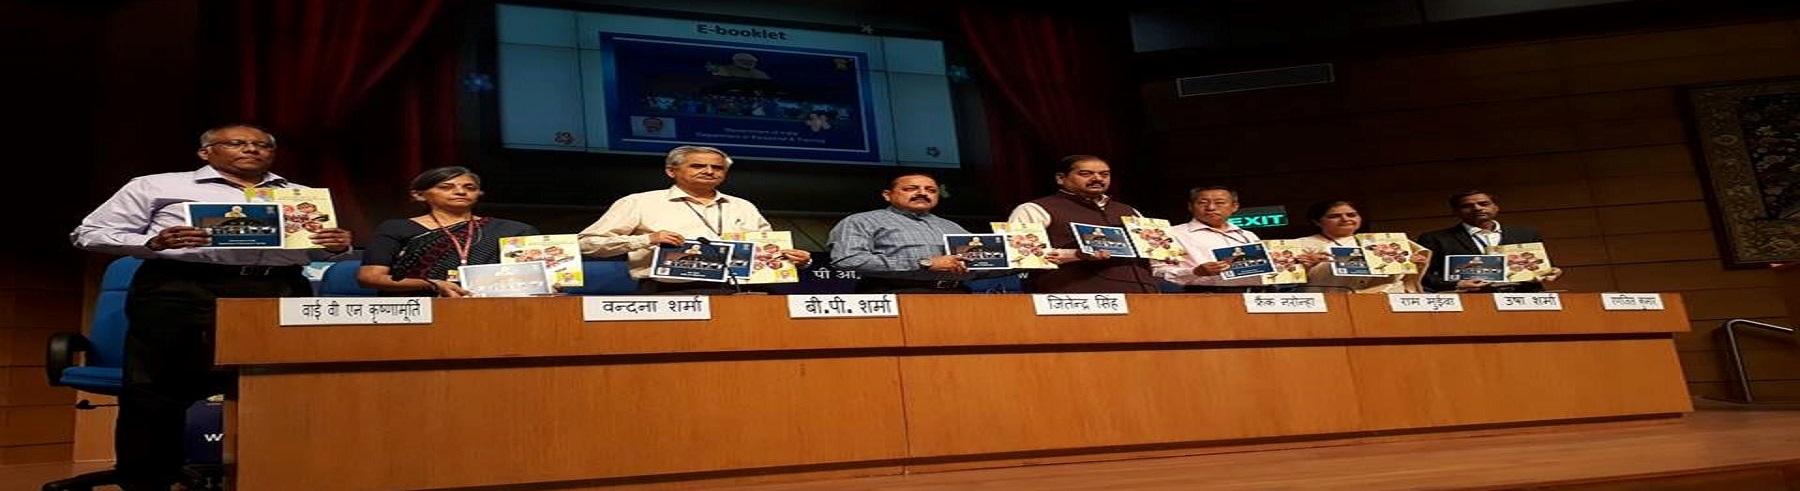 कार्मिक एवं प्रशिक्षण विभाग के इ - बुकलेट का श्री जितेंद्र सिंह, माननीय कार्मिक राज्य मंत्री के द्वारा दिनांक २३.०५.२०१७ को राष्ट्रीय मीडिया सेंटर, नयी दिल्ली में विमोचन